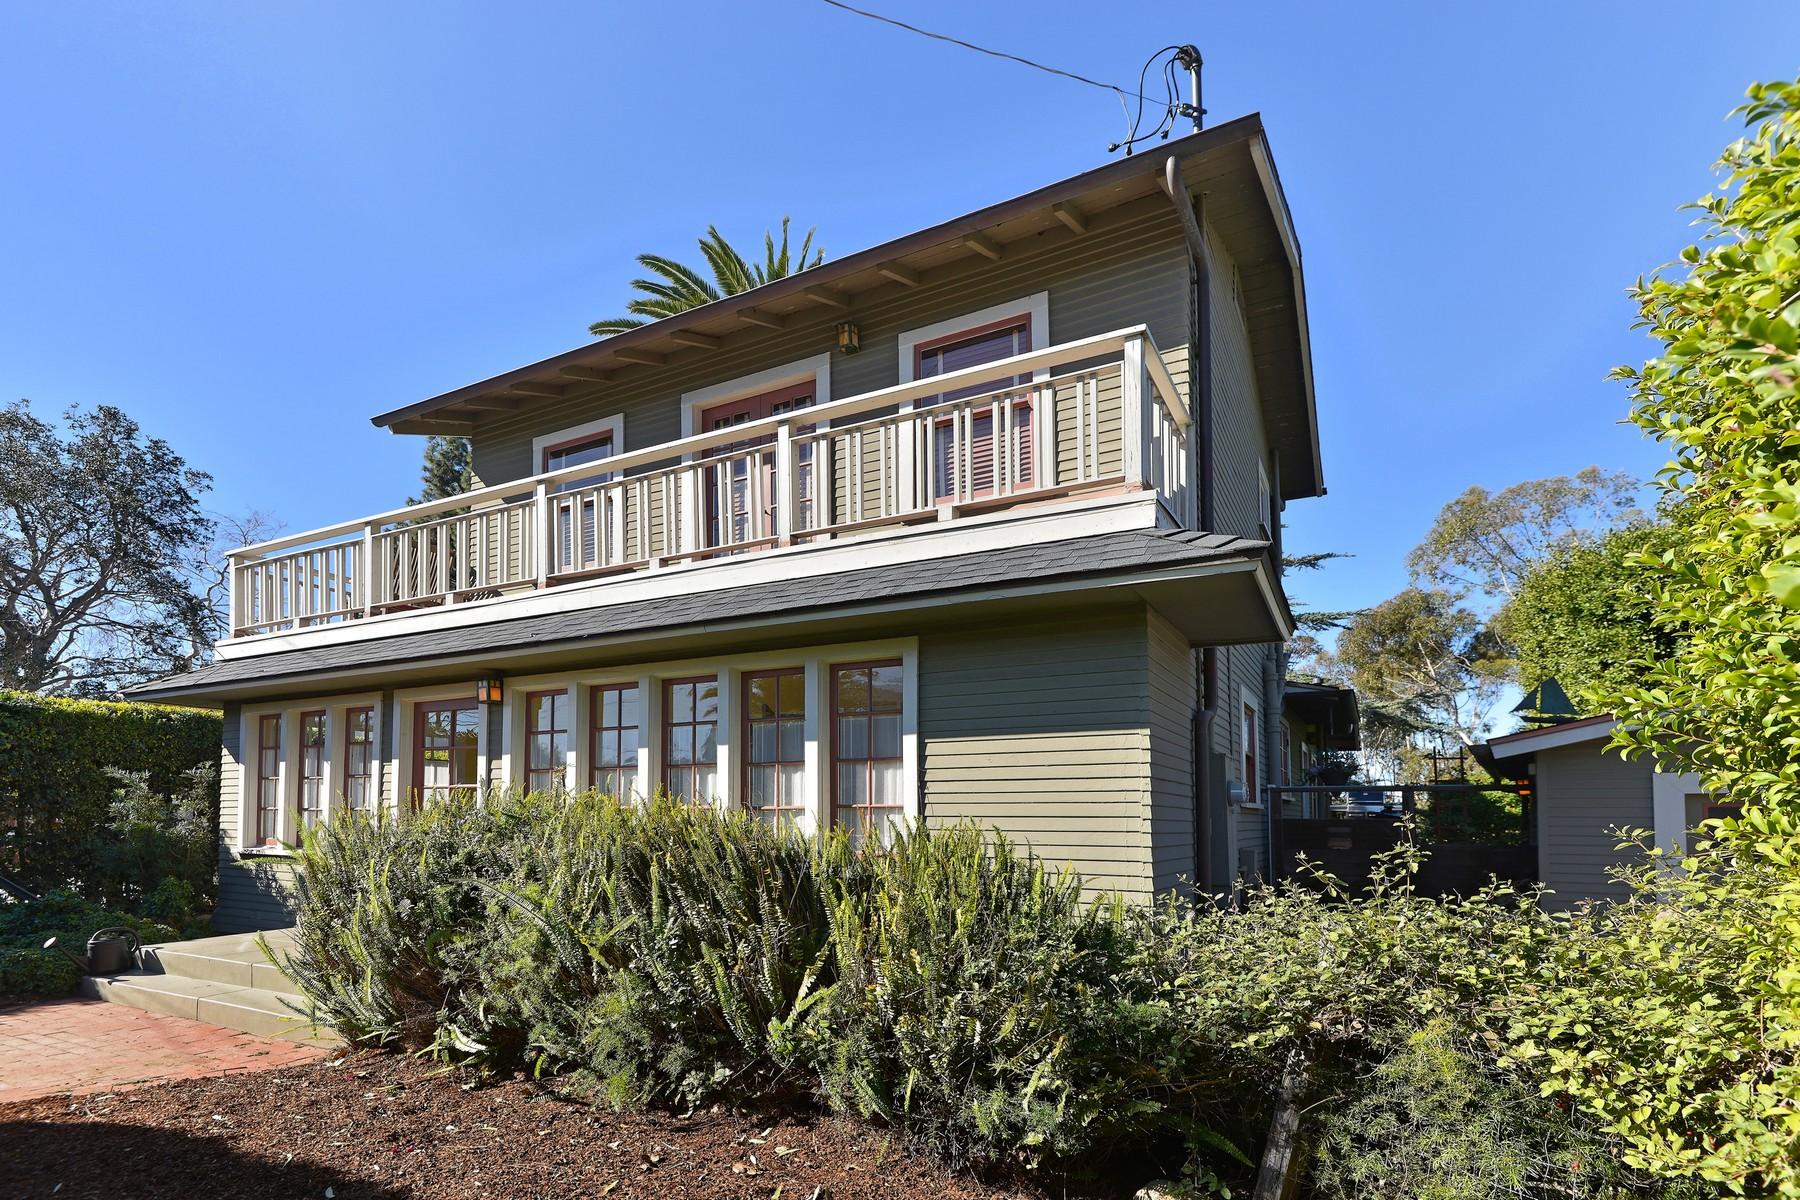 Maison unifamiliale pour l Vente à 1862 Washington Place Mission Hills, San Diego, Californie 92103 États-Unis